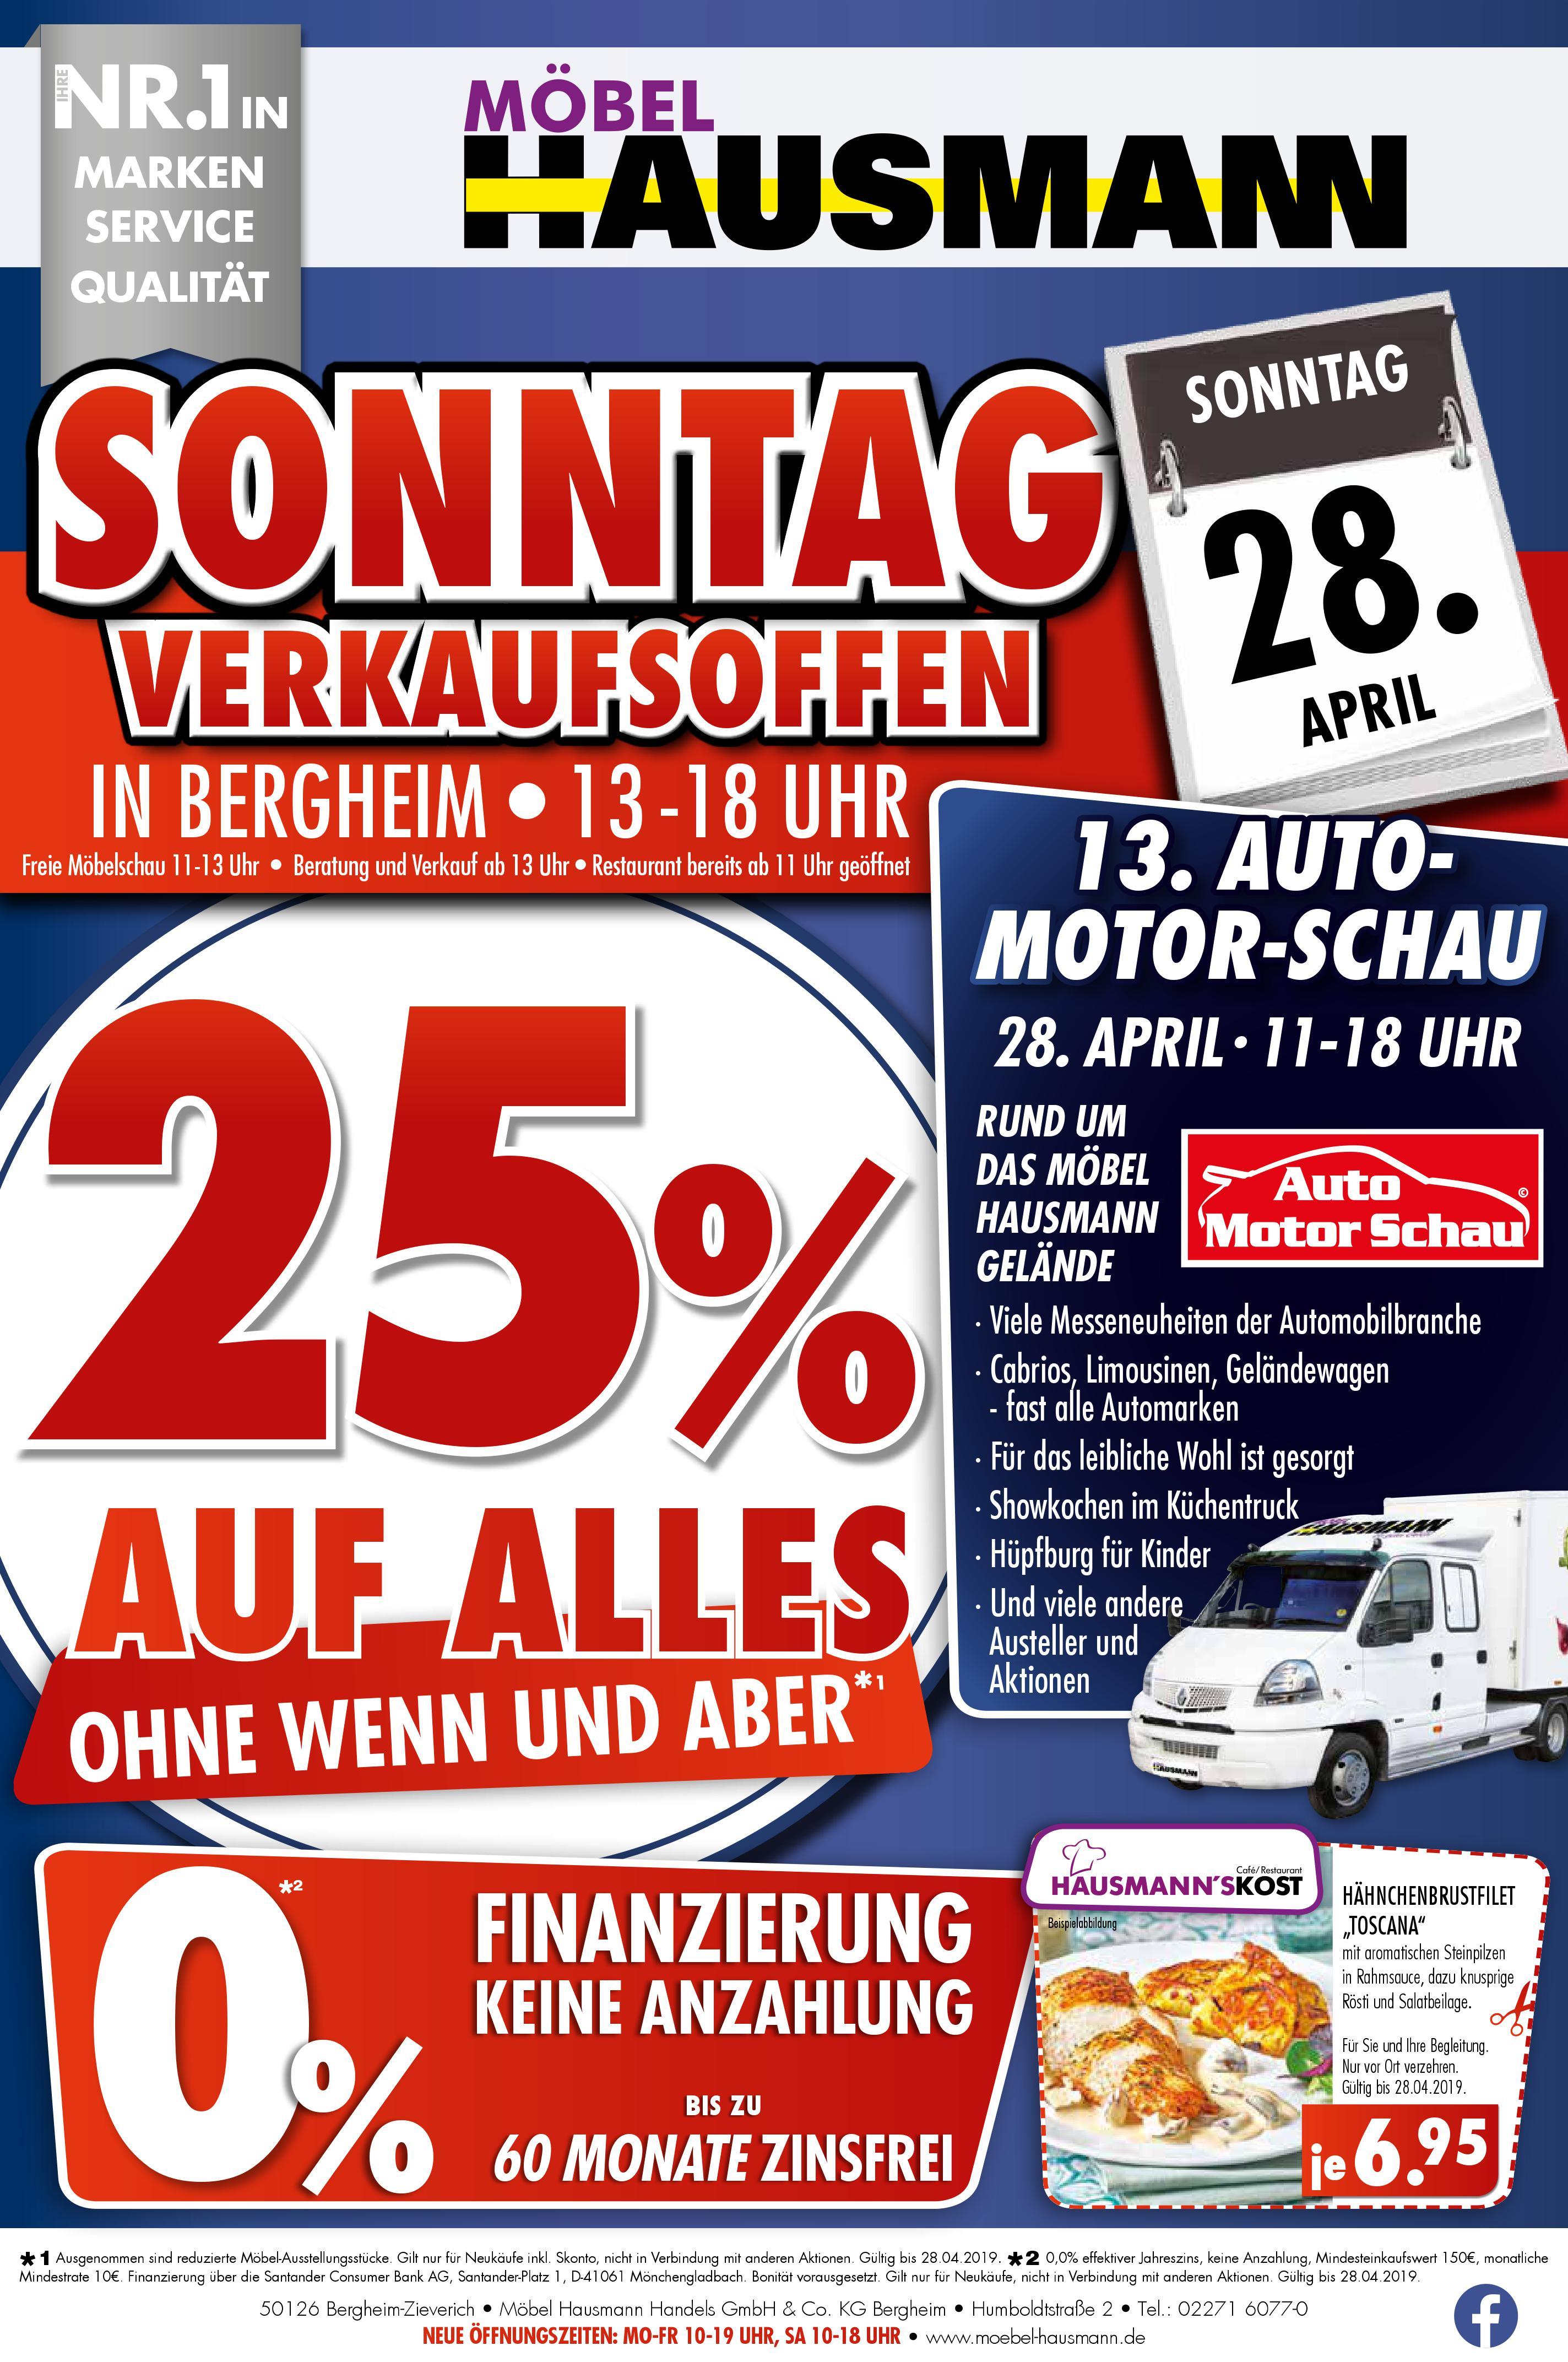 Verkaufsoffener Sonntag Bei Möbel Hausmann Regiotv Rhein Erft